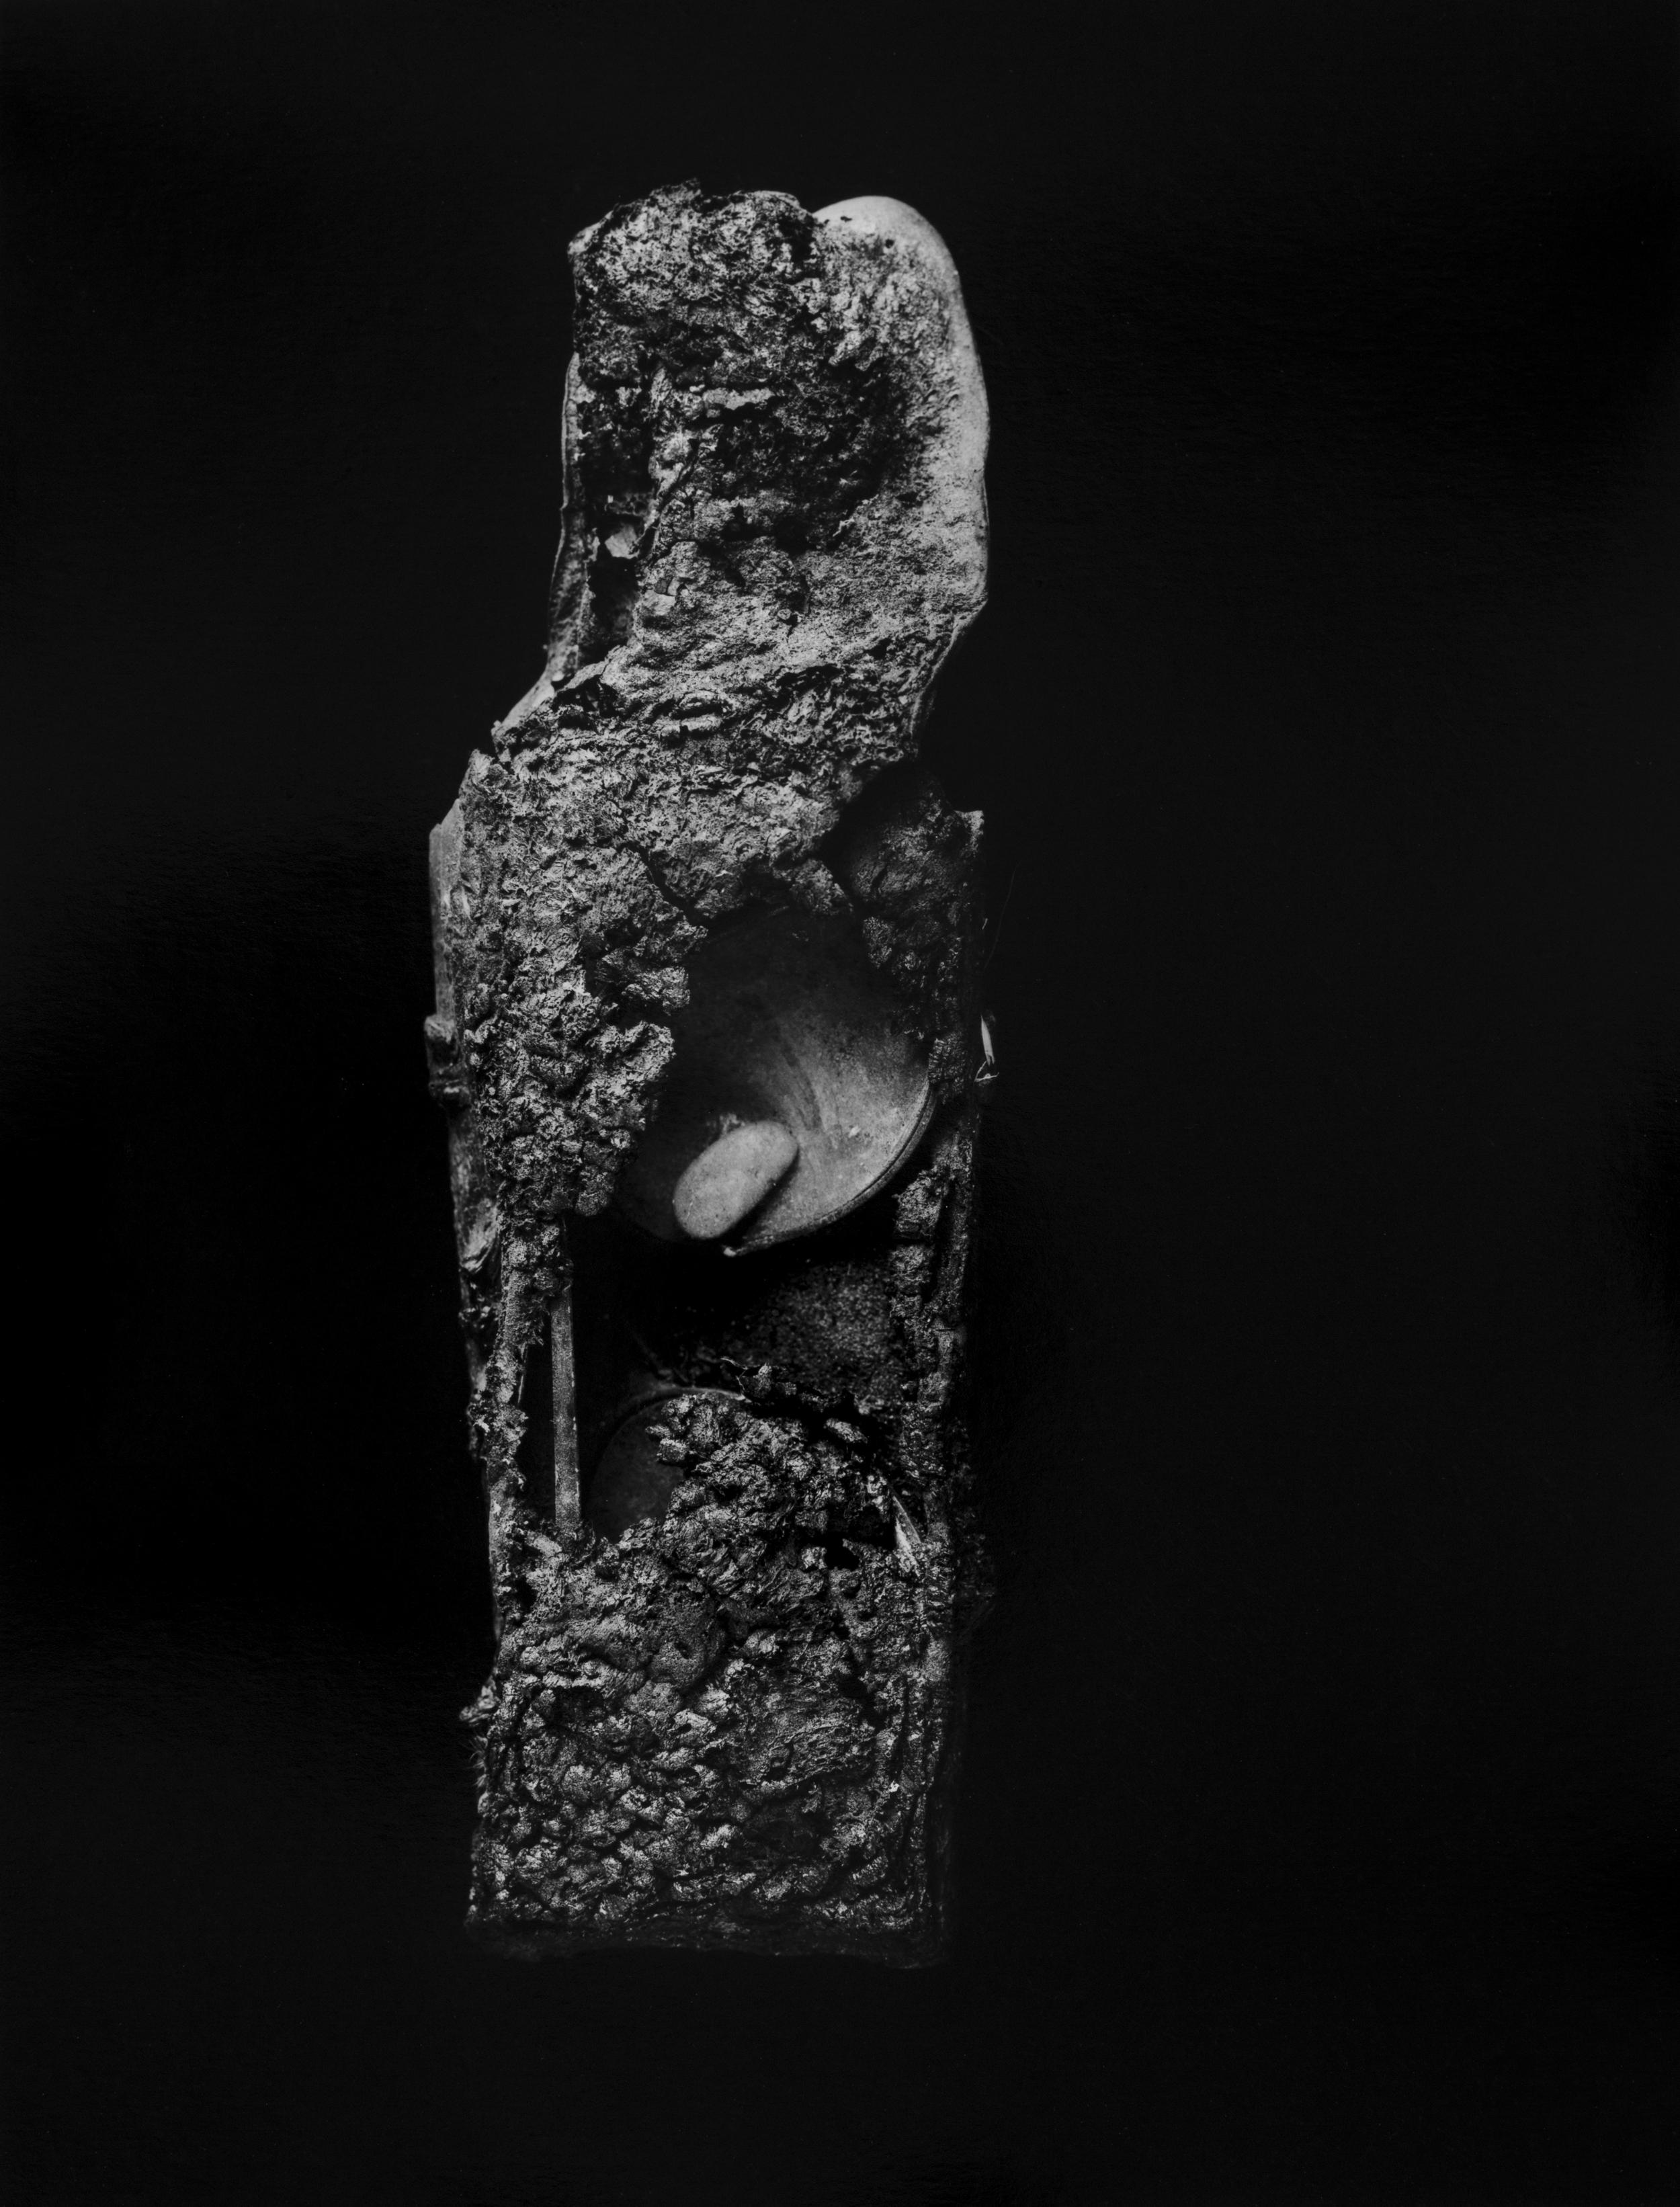 """Resurrected Form No.5, 13x10"""", Toned Silver Gelatin Print, 2014"""